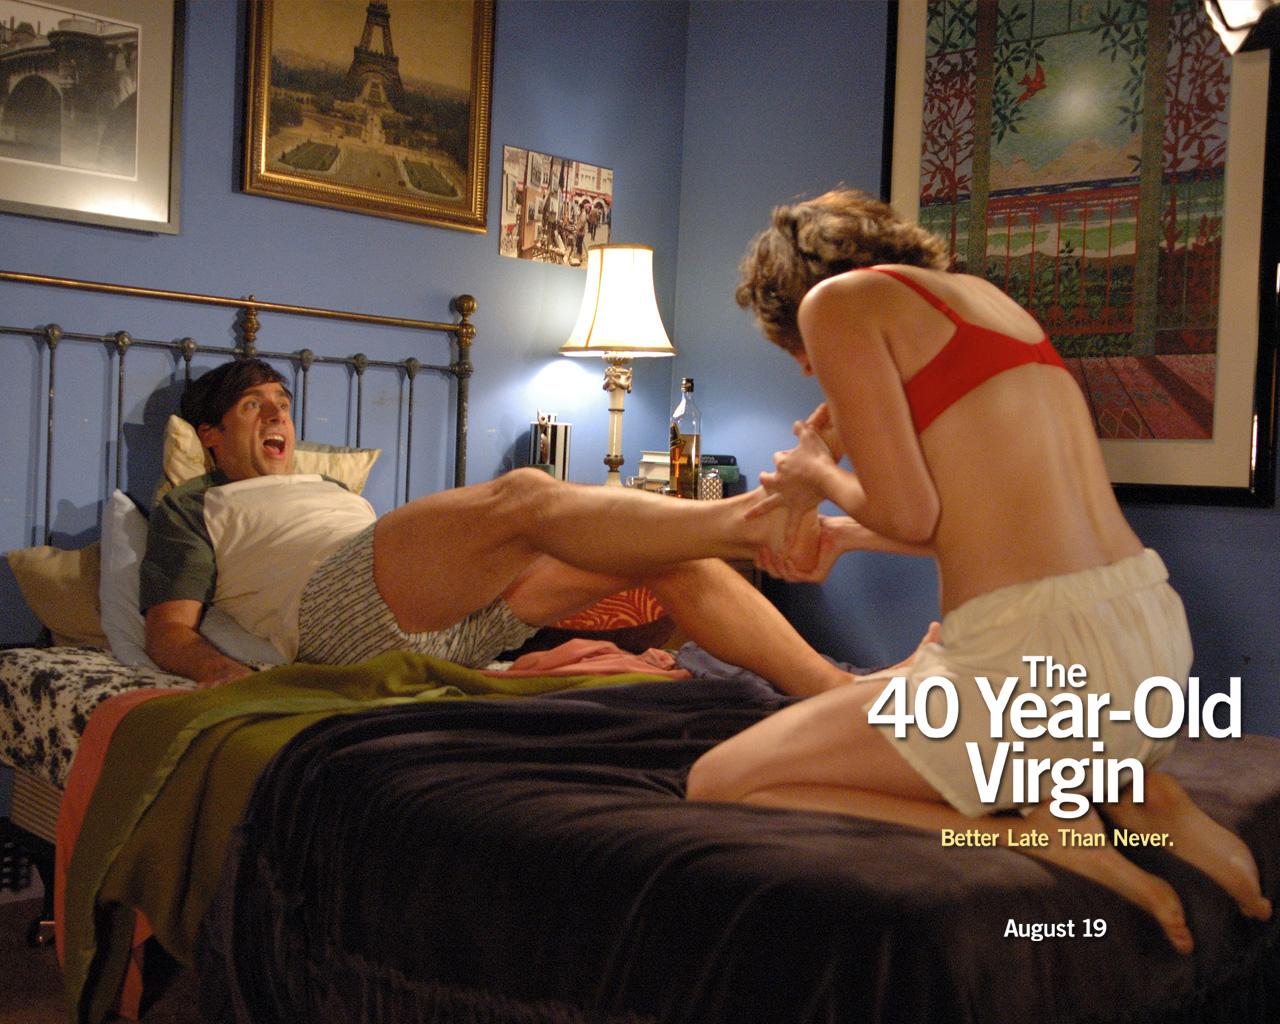 Смотреть компания секс, Порно студии смотреть видео онлайн в хорошем качестве 2 фотография